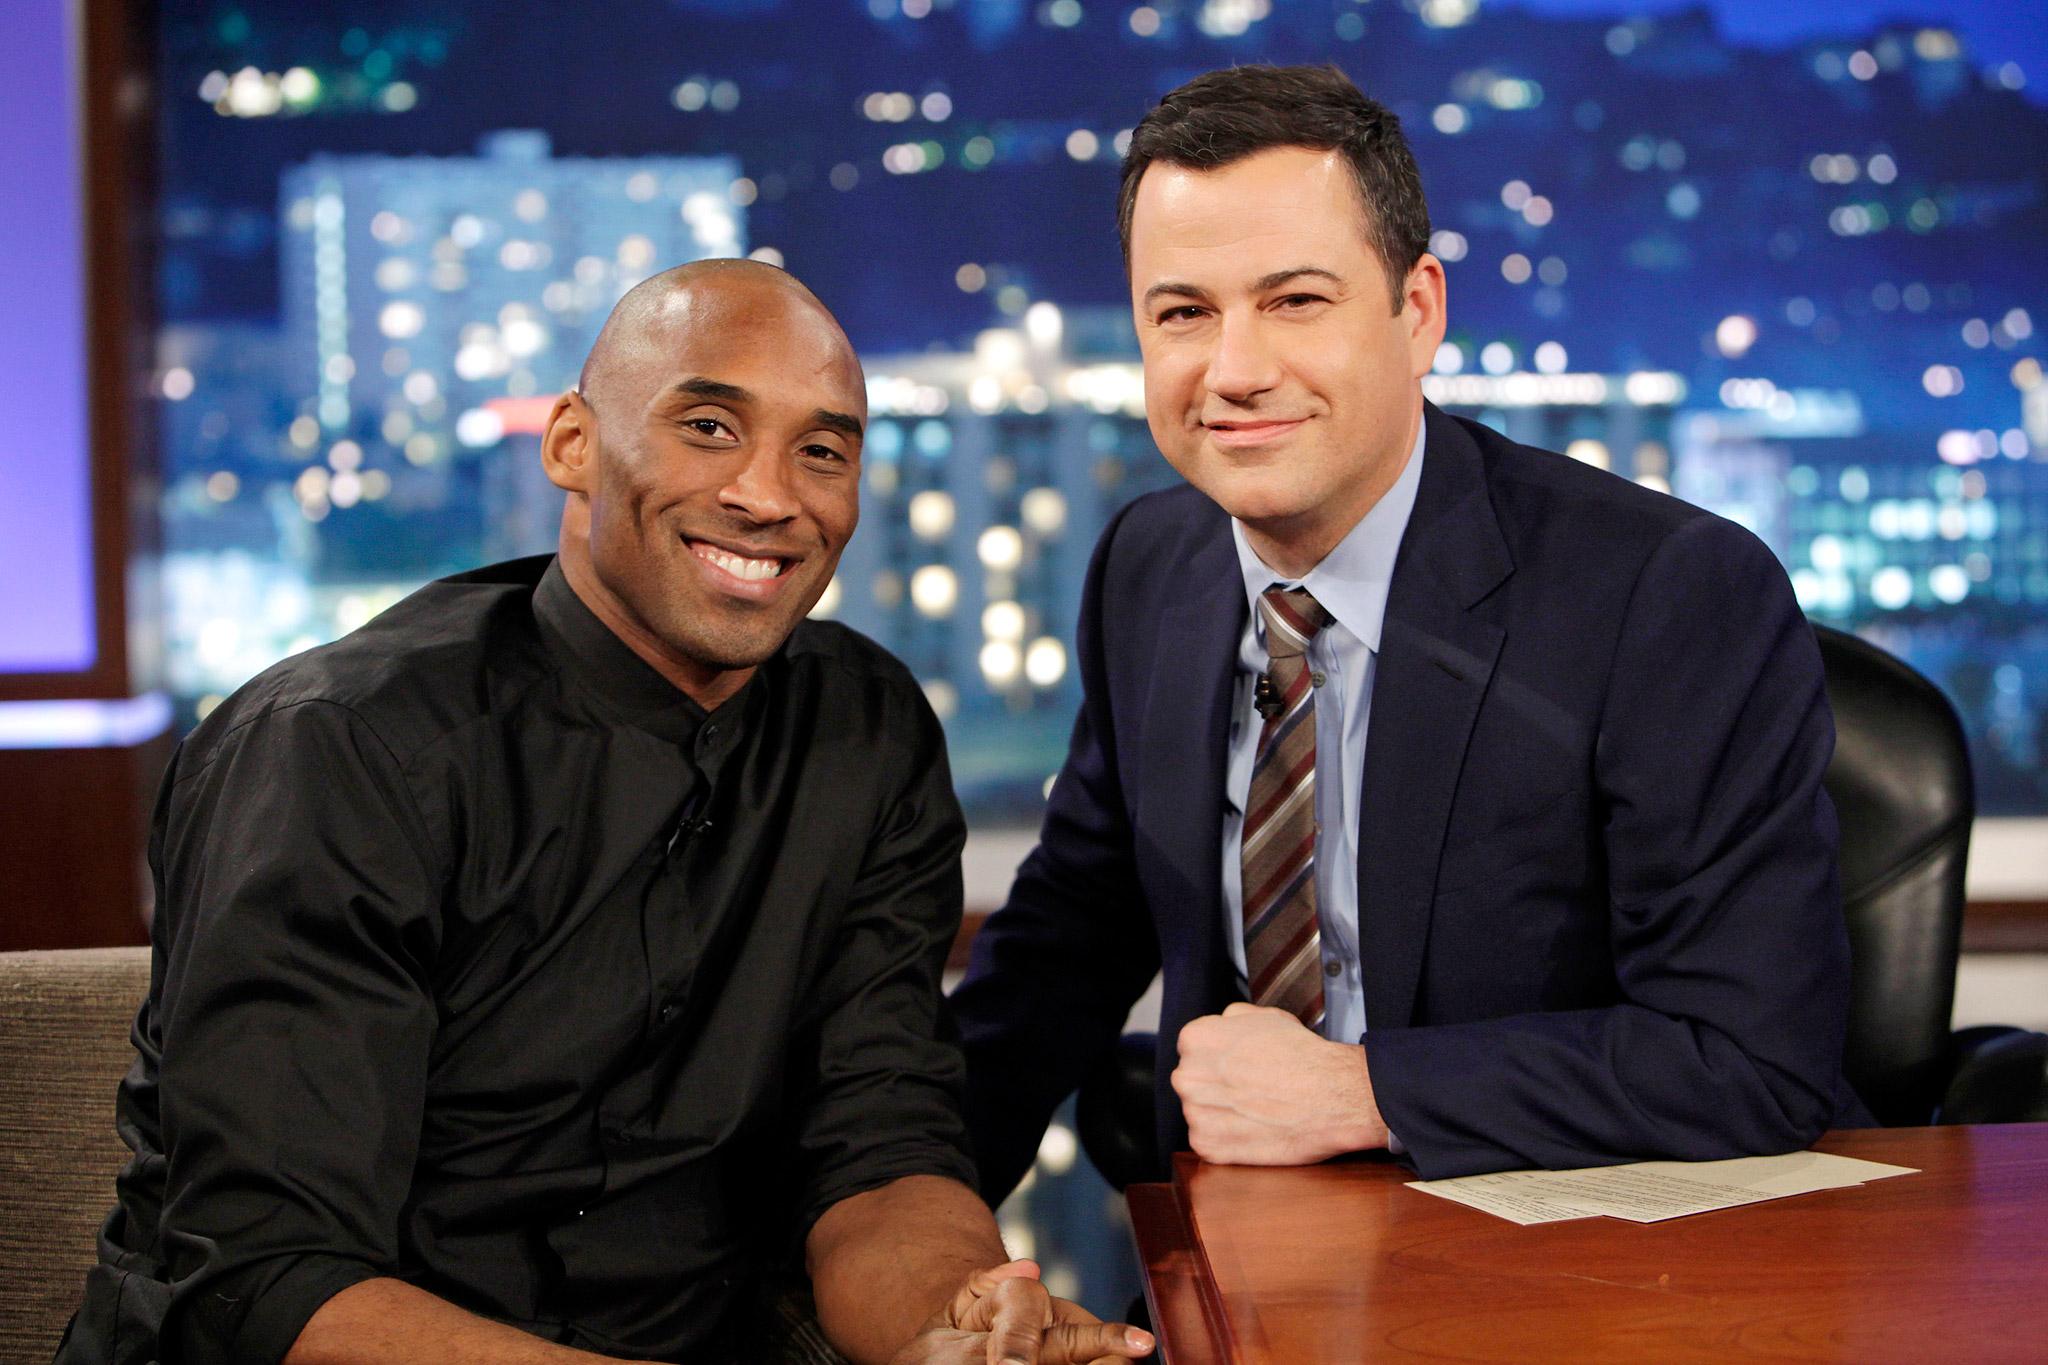 Kobe Bryant and Jimmy Kimmel